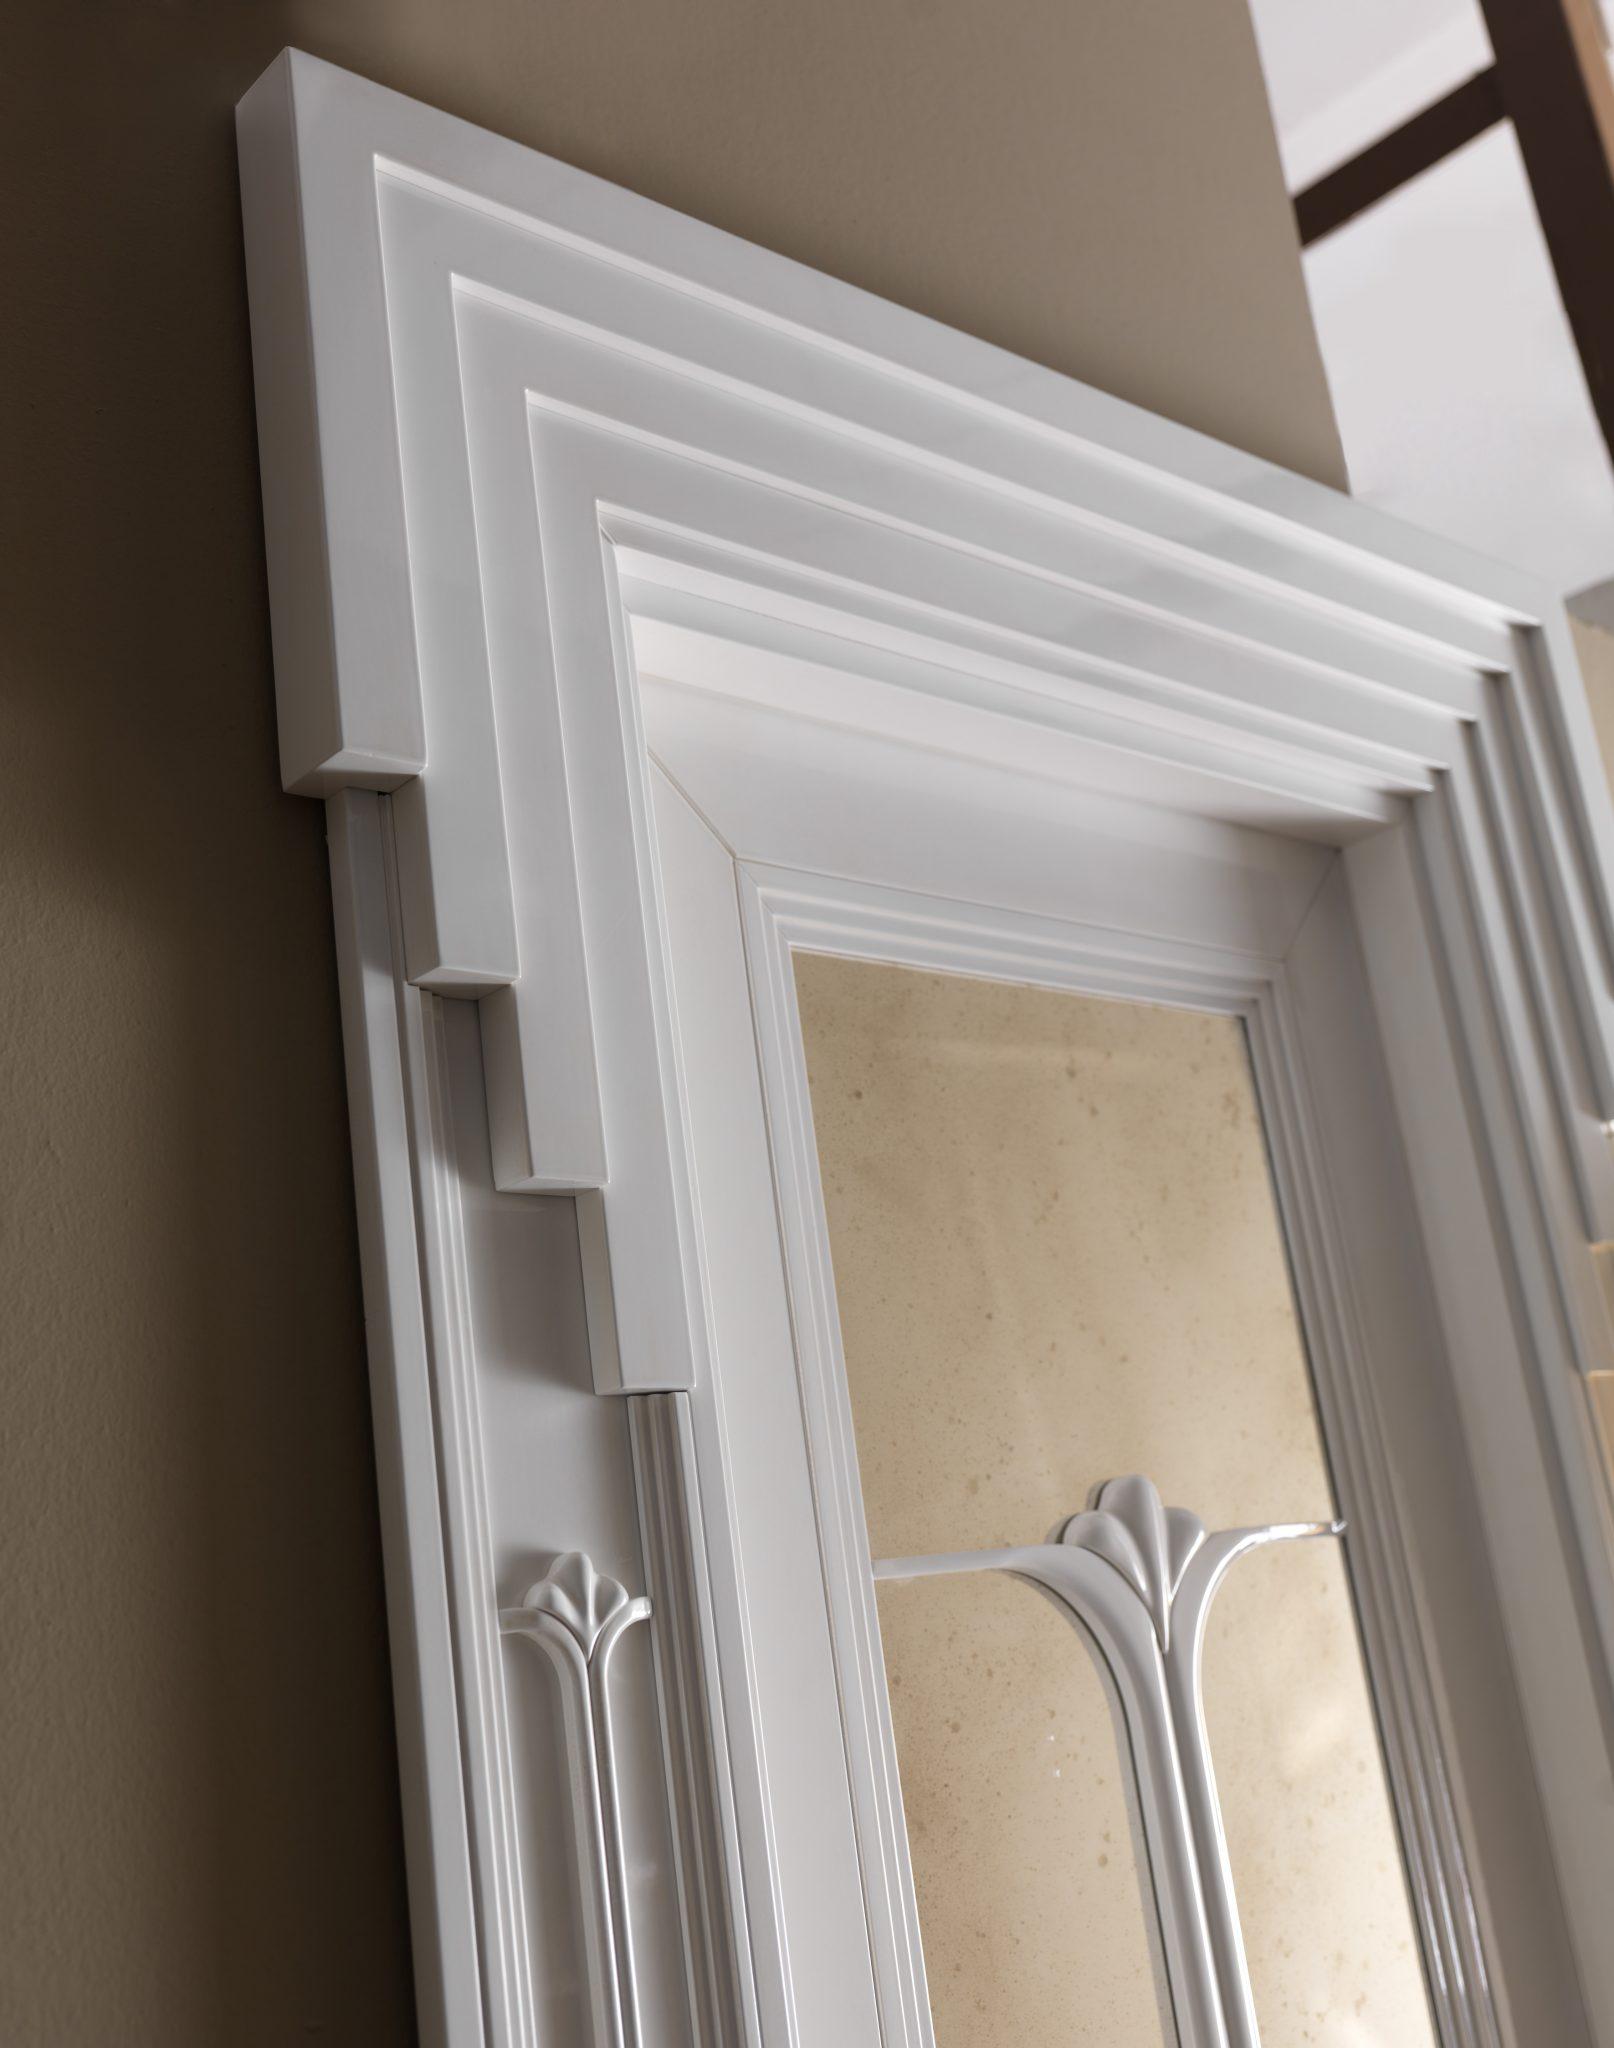 New design porte expo1925 12 finitura laccato bianco - Specchio anticato ...